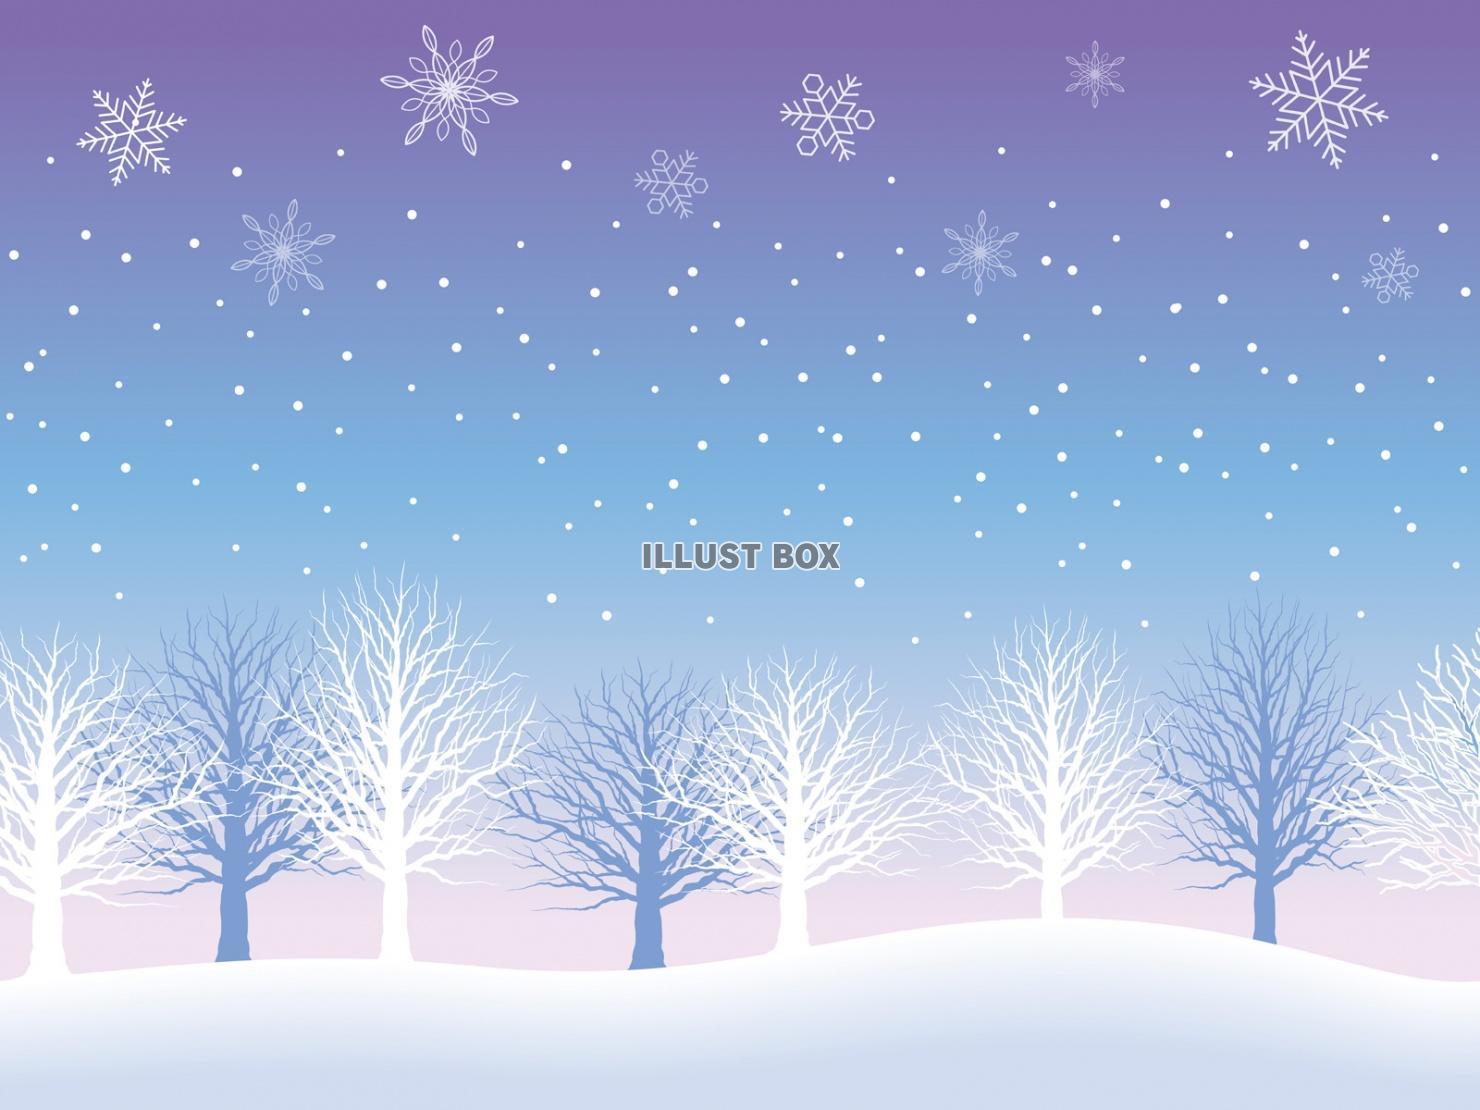 無料イラスト シームレスな雪の背景